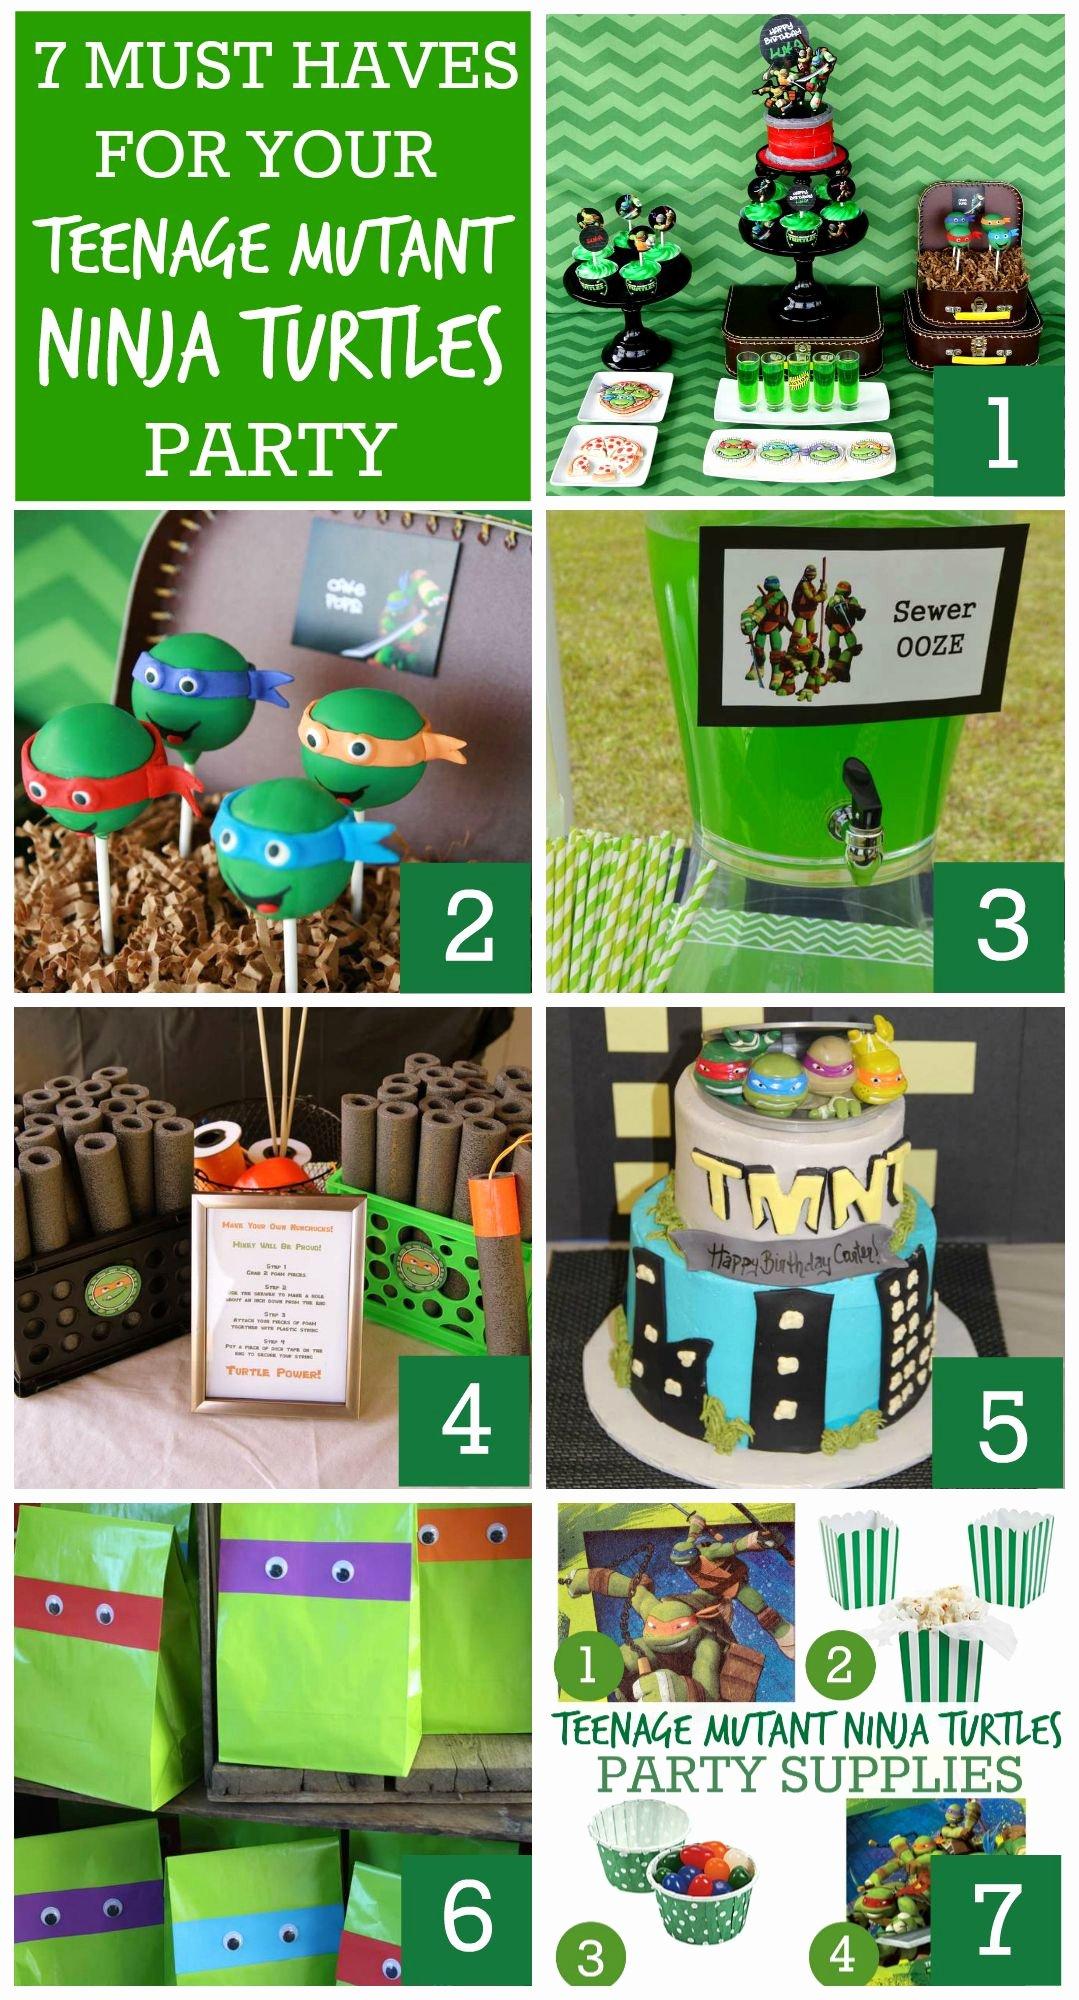 Ninja Turtle Birthday Decoration Ideas Beautiful 7 Must Have Teenage Mutant Ninja Turtles Party Ideas